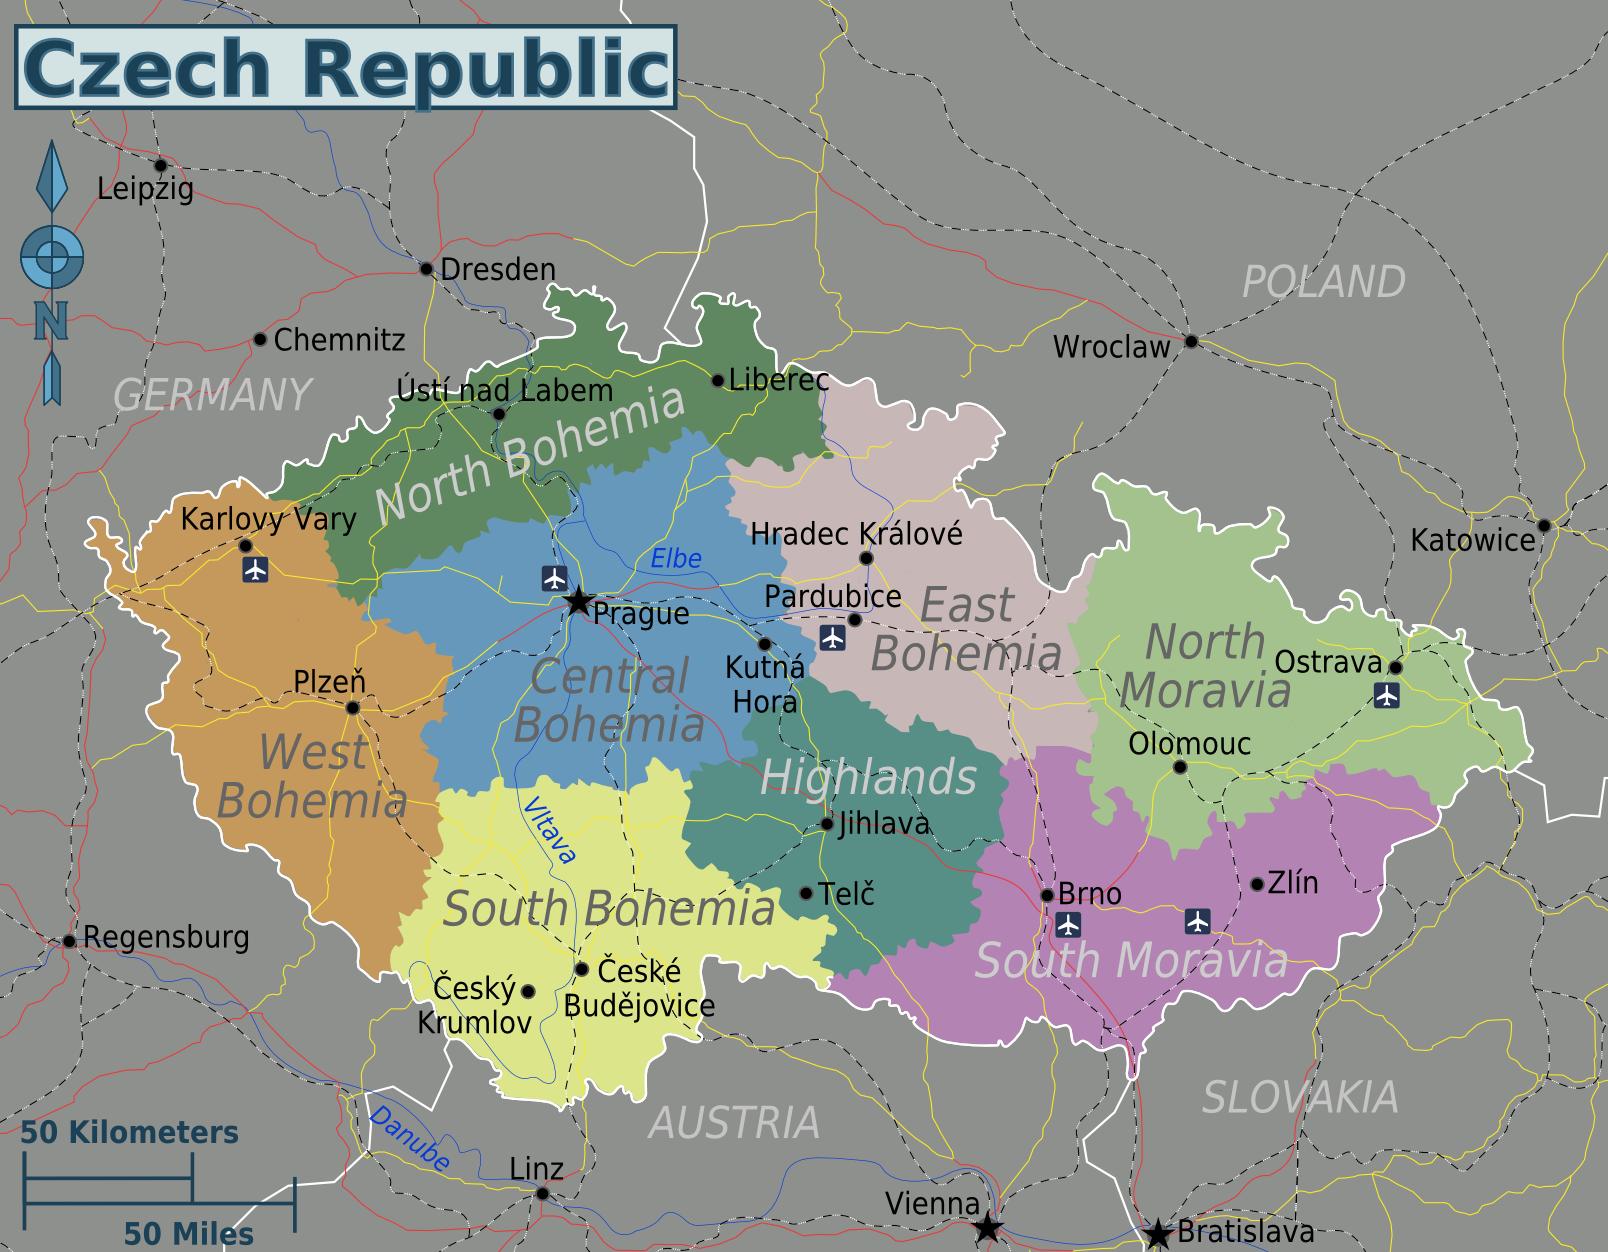 Karte Tschechien.Landkarte Tschechische Republik Regionen Weltkarte Com Karten